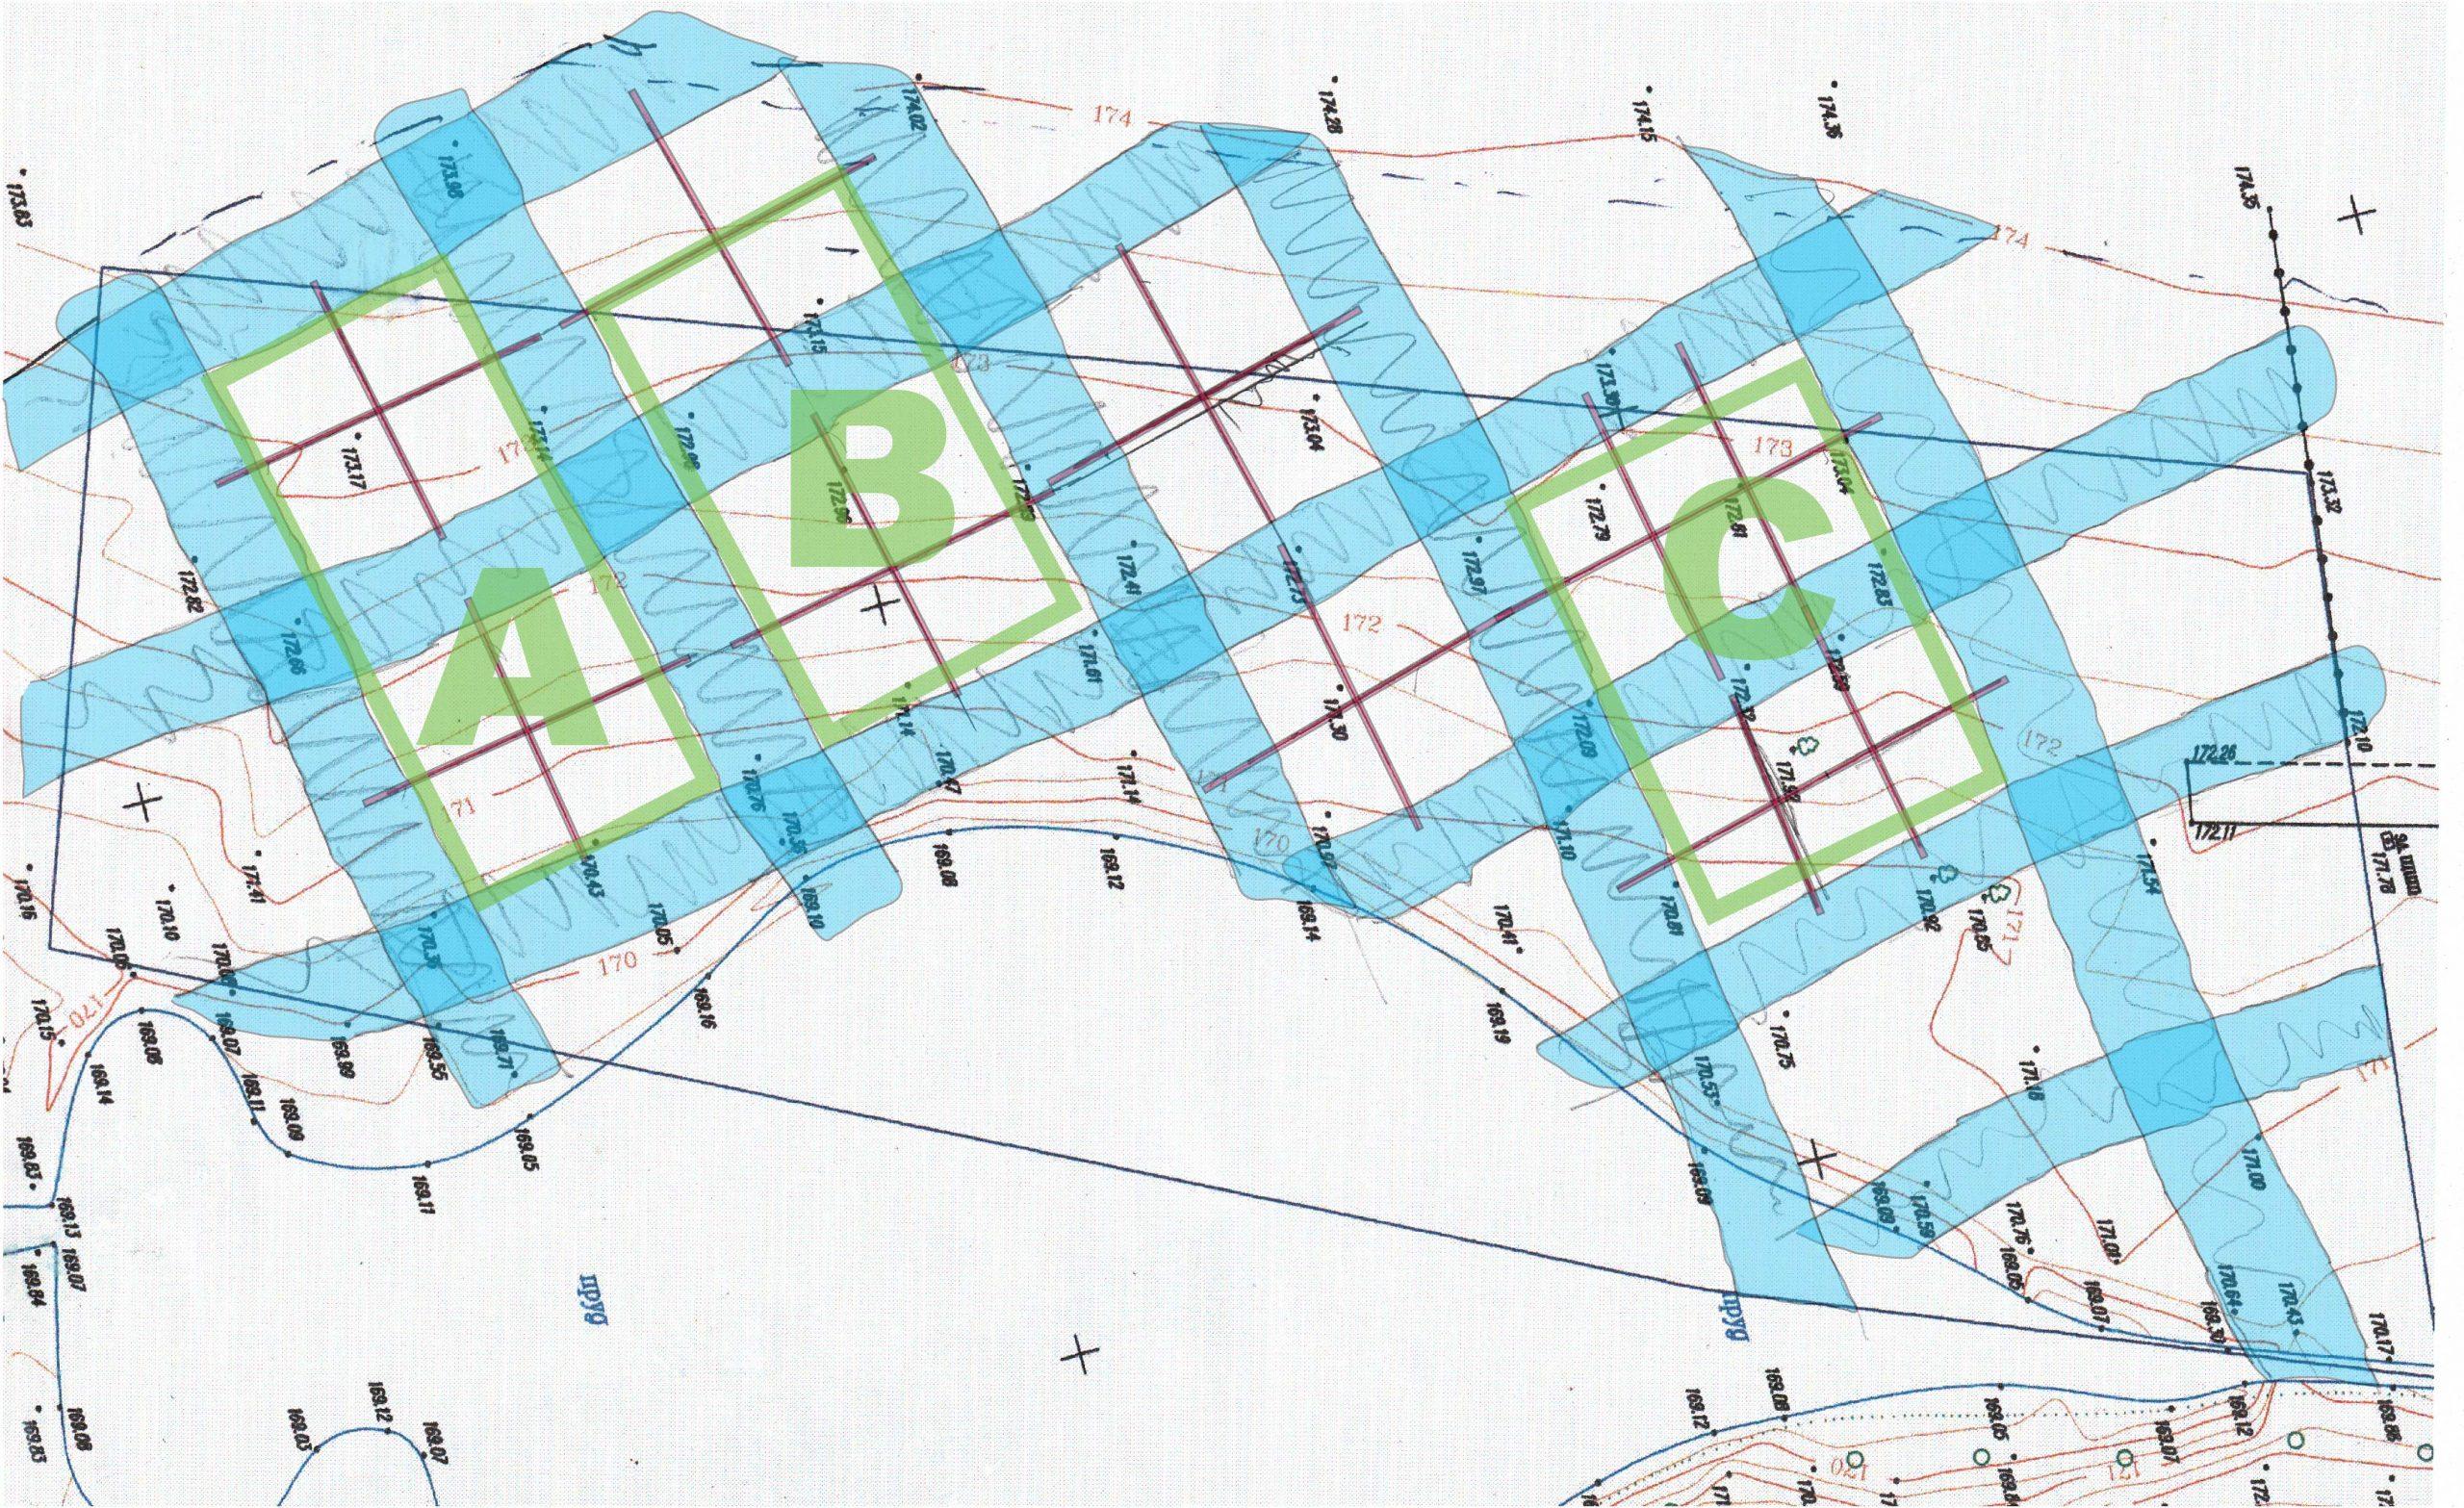 Āderu plāns zemes īpašumam Piemaskavā